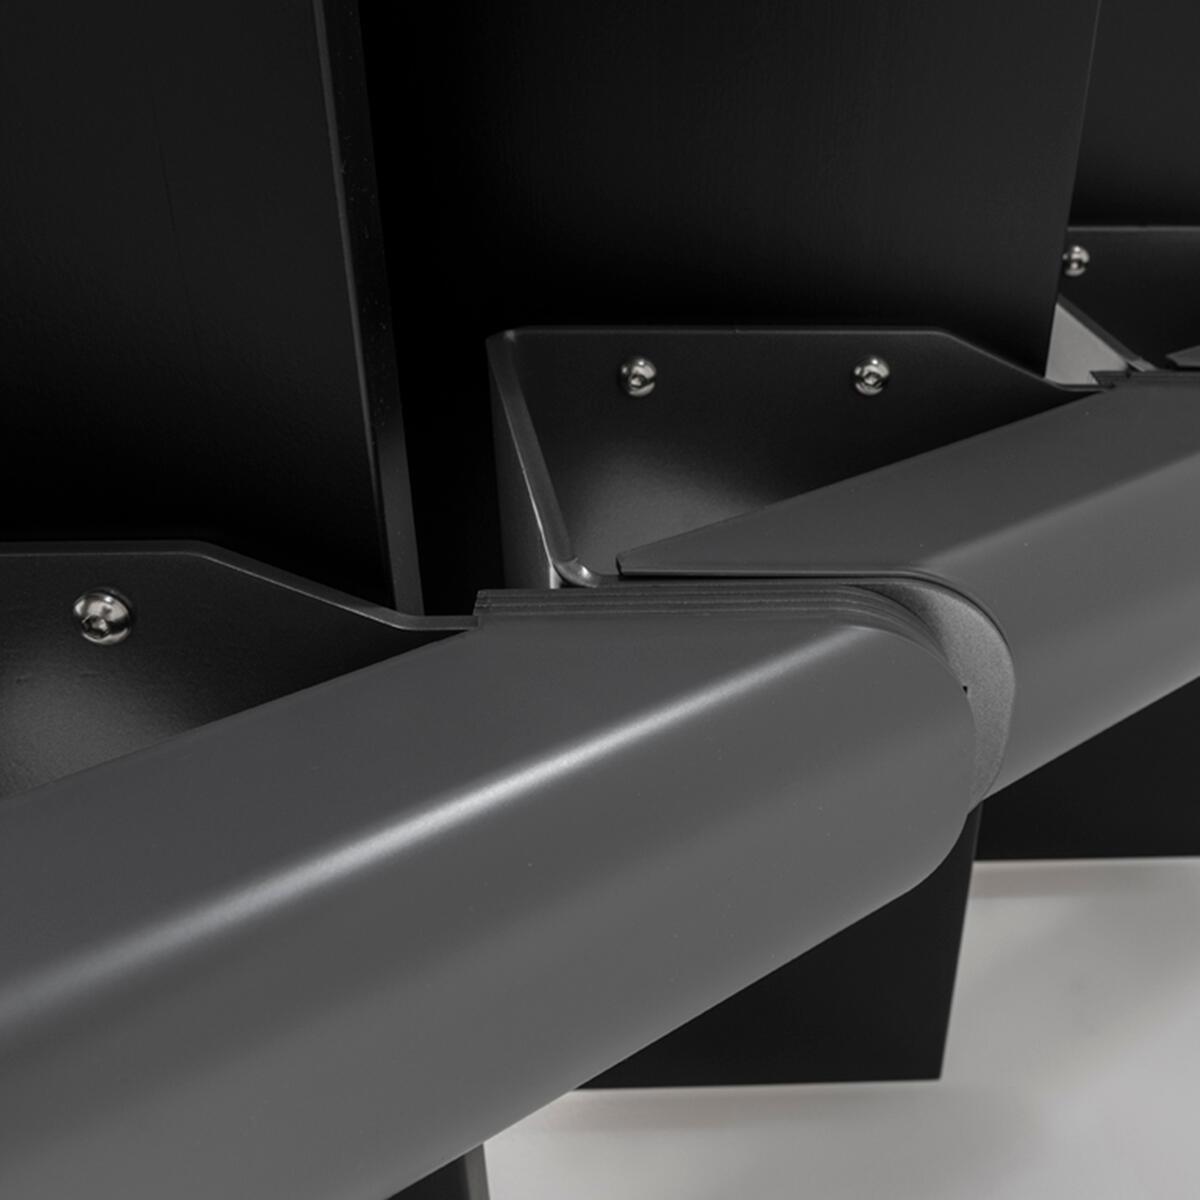 Scala a rampa 1/4 di giro Mas FONTANOT L 85 cm, gradino grigio antracite scuro, struttura antracite - 15